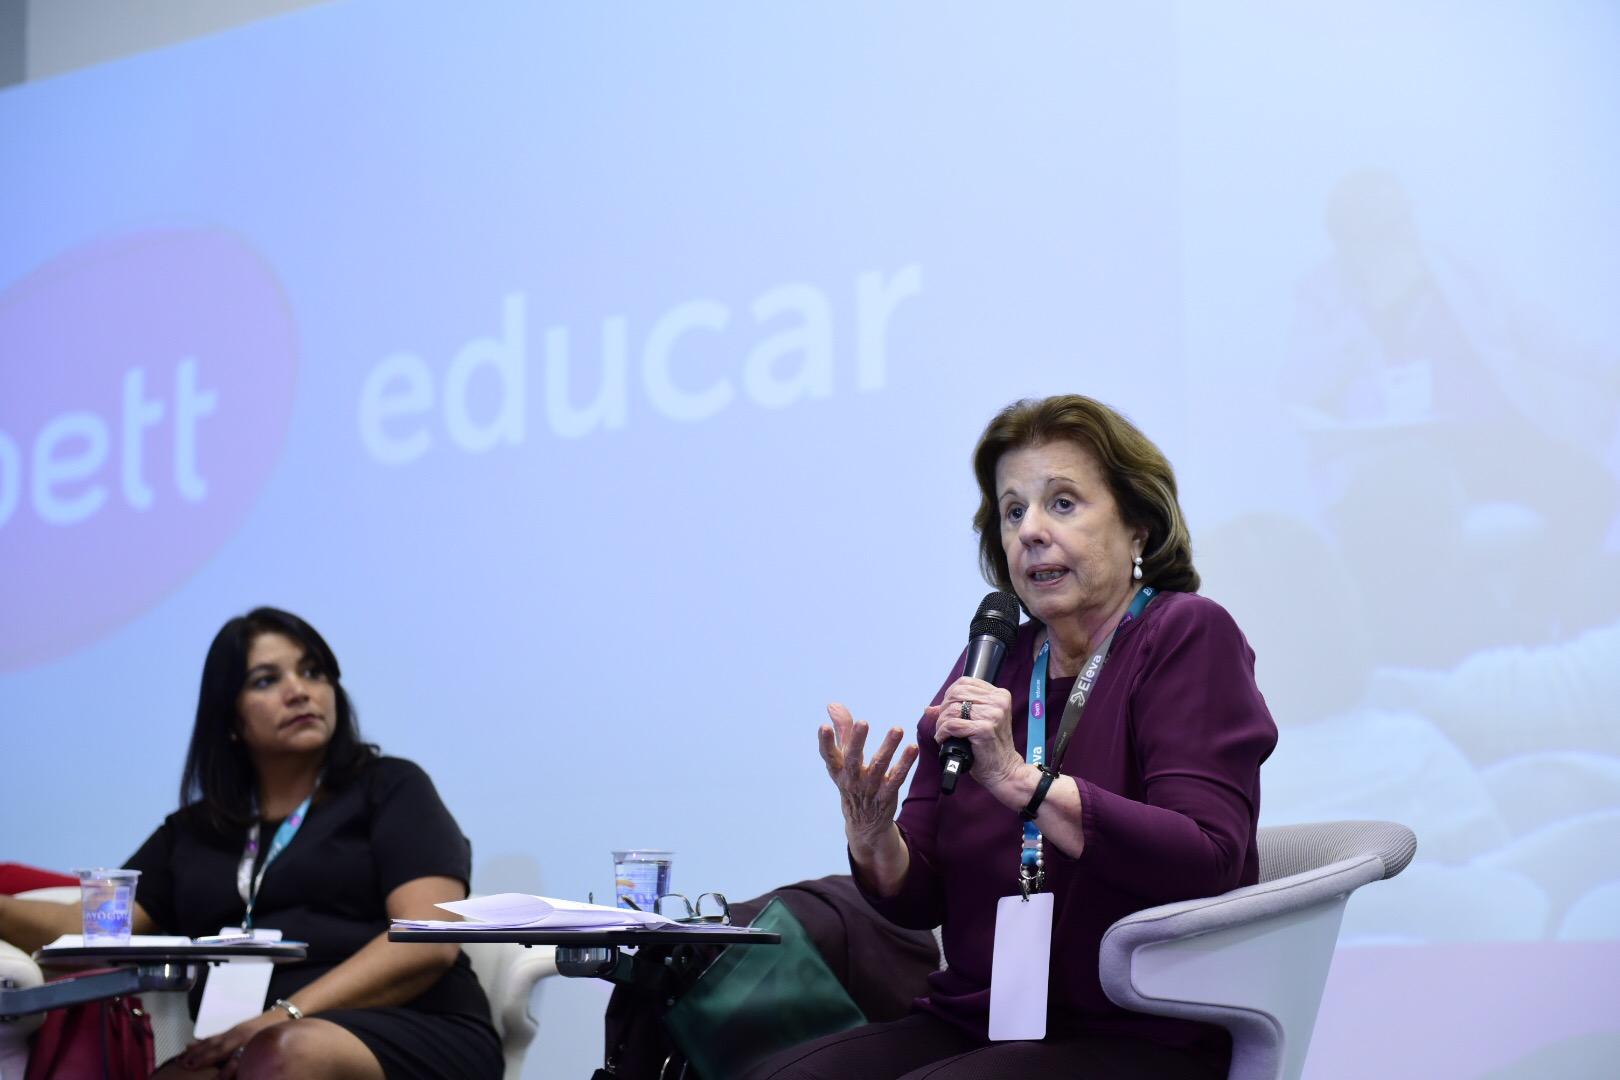 Escolas já devem começar a discutir reforma do ensino médio e fazer adaptações à nova lei, defende Sylvia Gouvêa